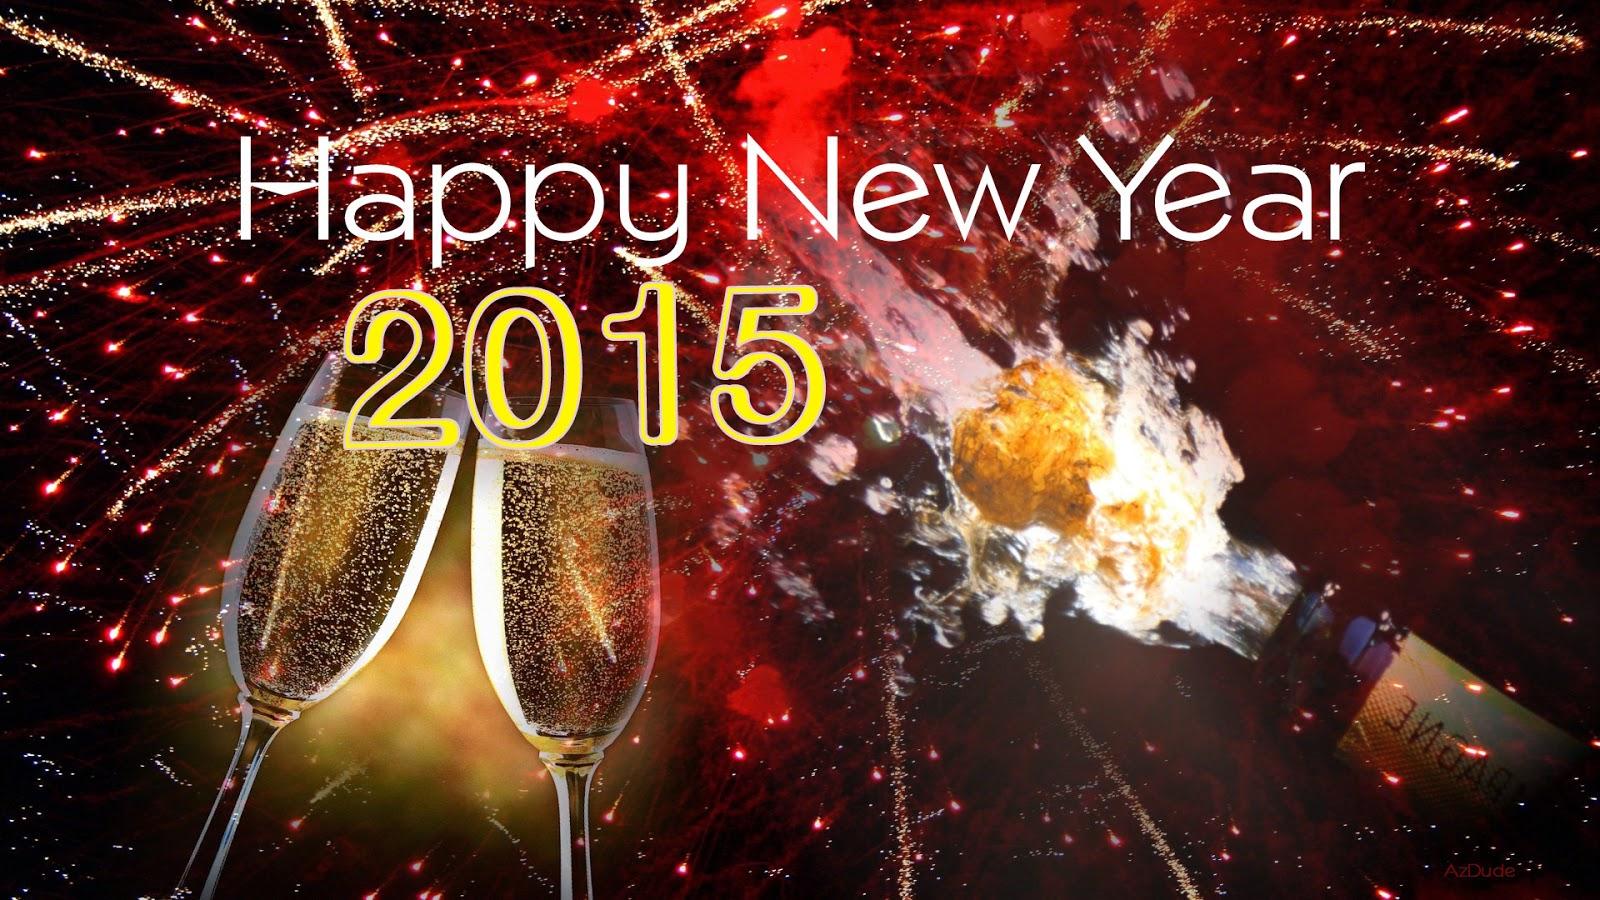 Der TLC wünscht Euch allen einen guten rutsch ins neue Jahr 2015 :-D ...